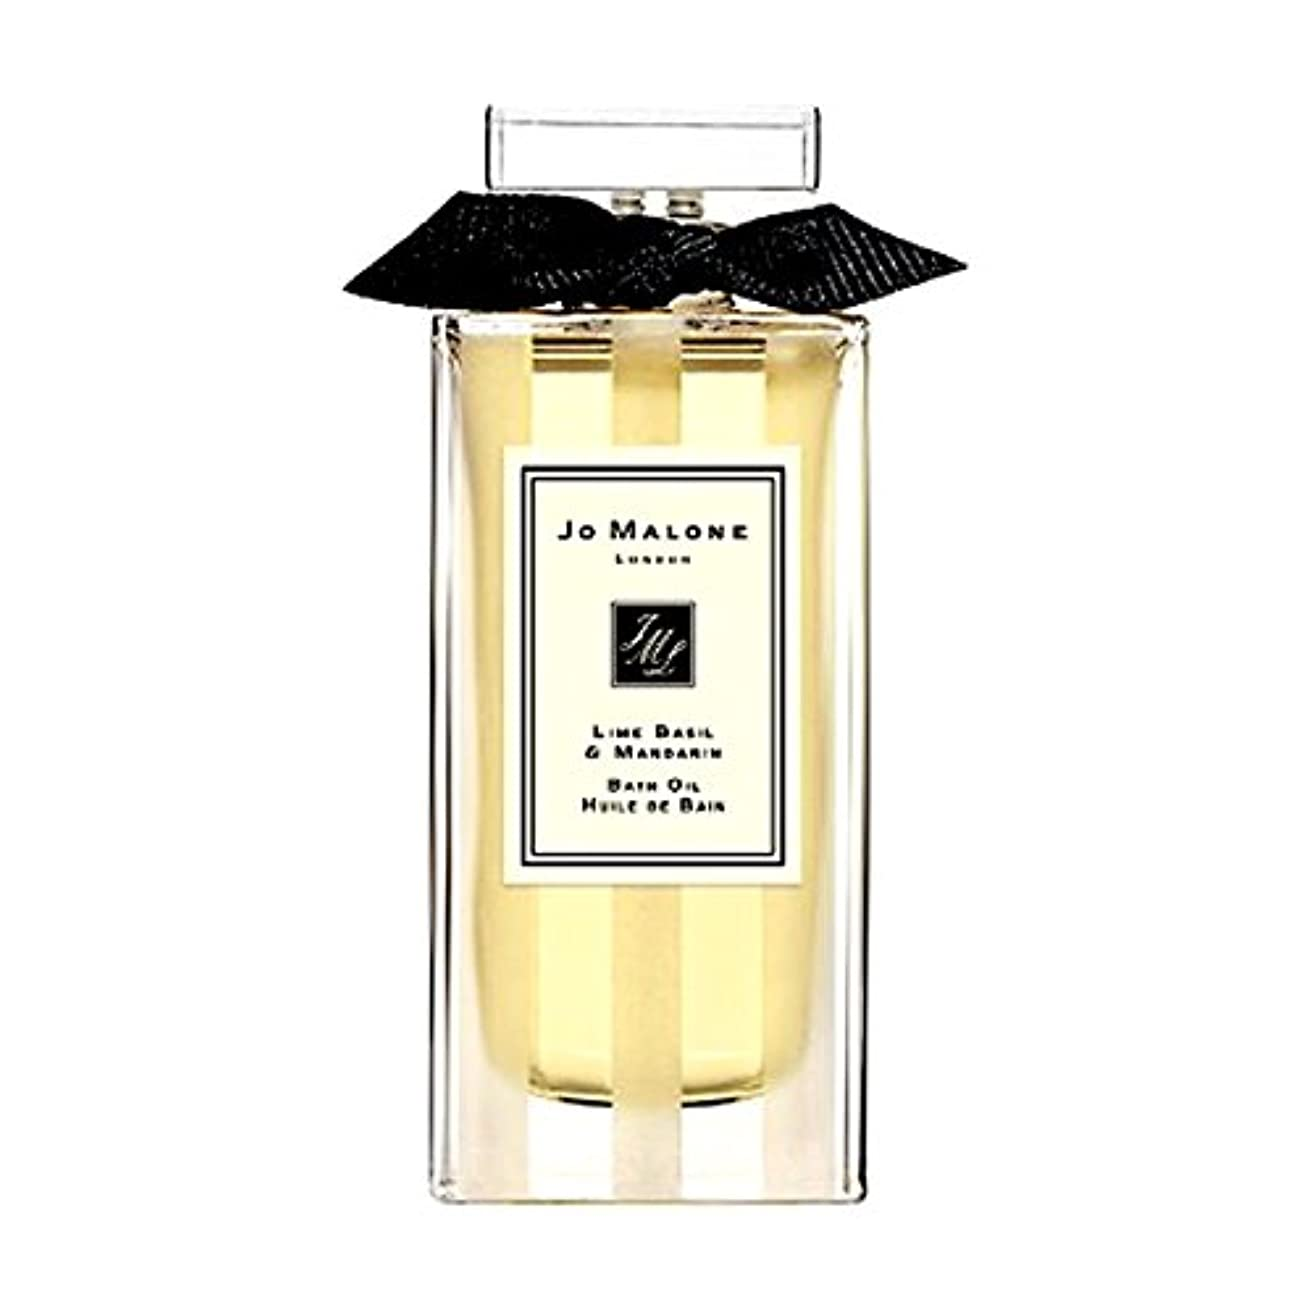 我慢する恐怖症請求書Jo Maloneジョーマローン, バスオイル -ライムバジル&マンダリン (30ml),' Lime Basil & Mandarin' Bath Oil (1oz) [海外直送品] [並行輸入品]